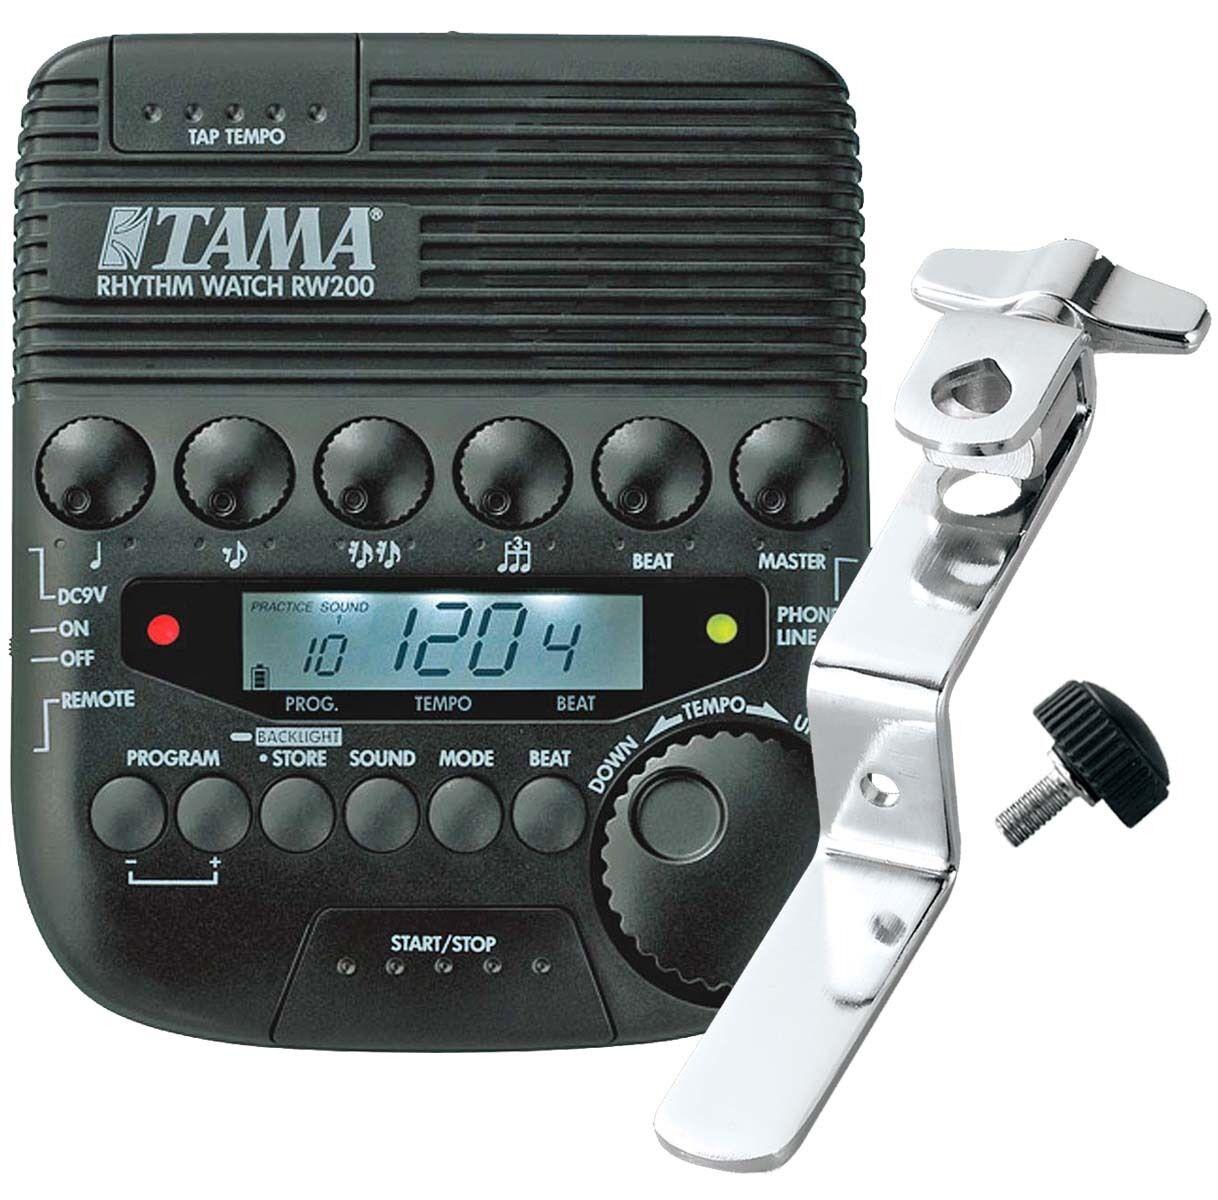 Tama Rhythm Watch rw200 Metronom rwh10 Rhythm Watch Holder